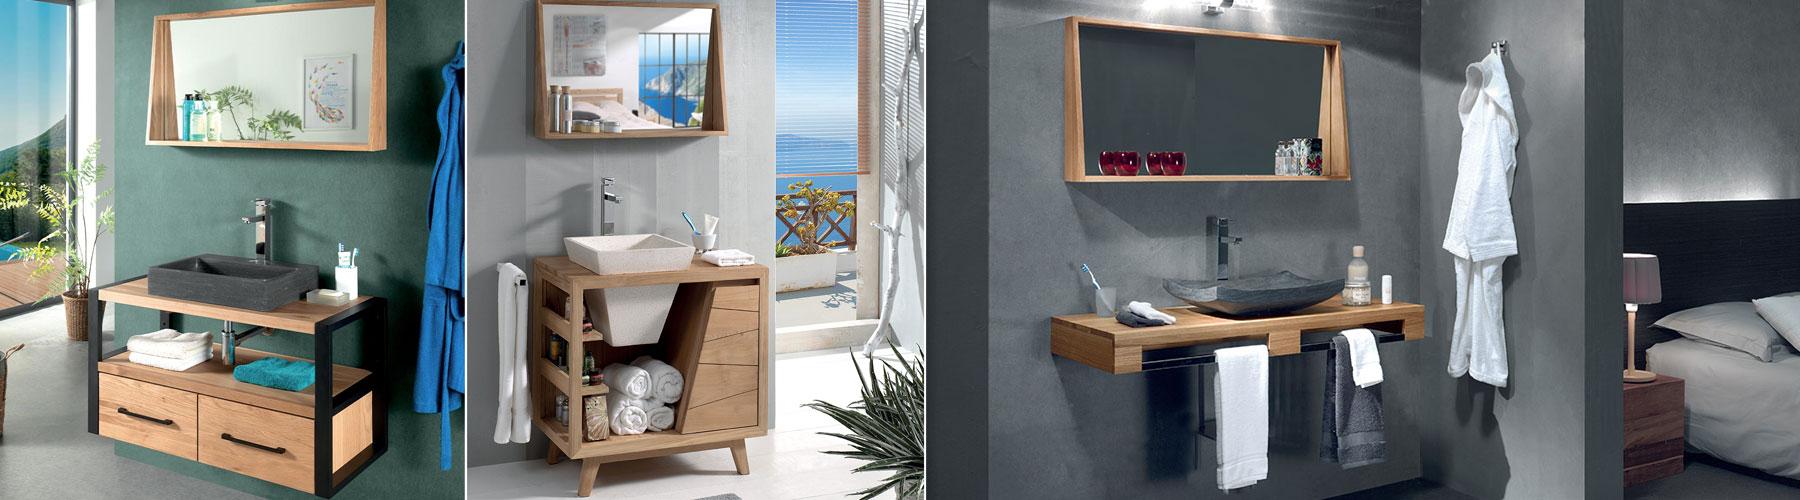 Salles de bains pour l'hôtellerie